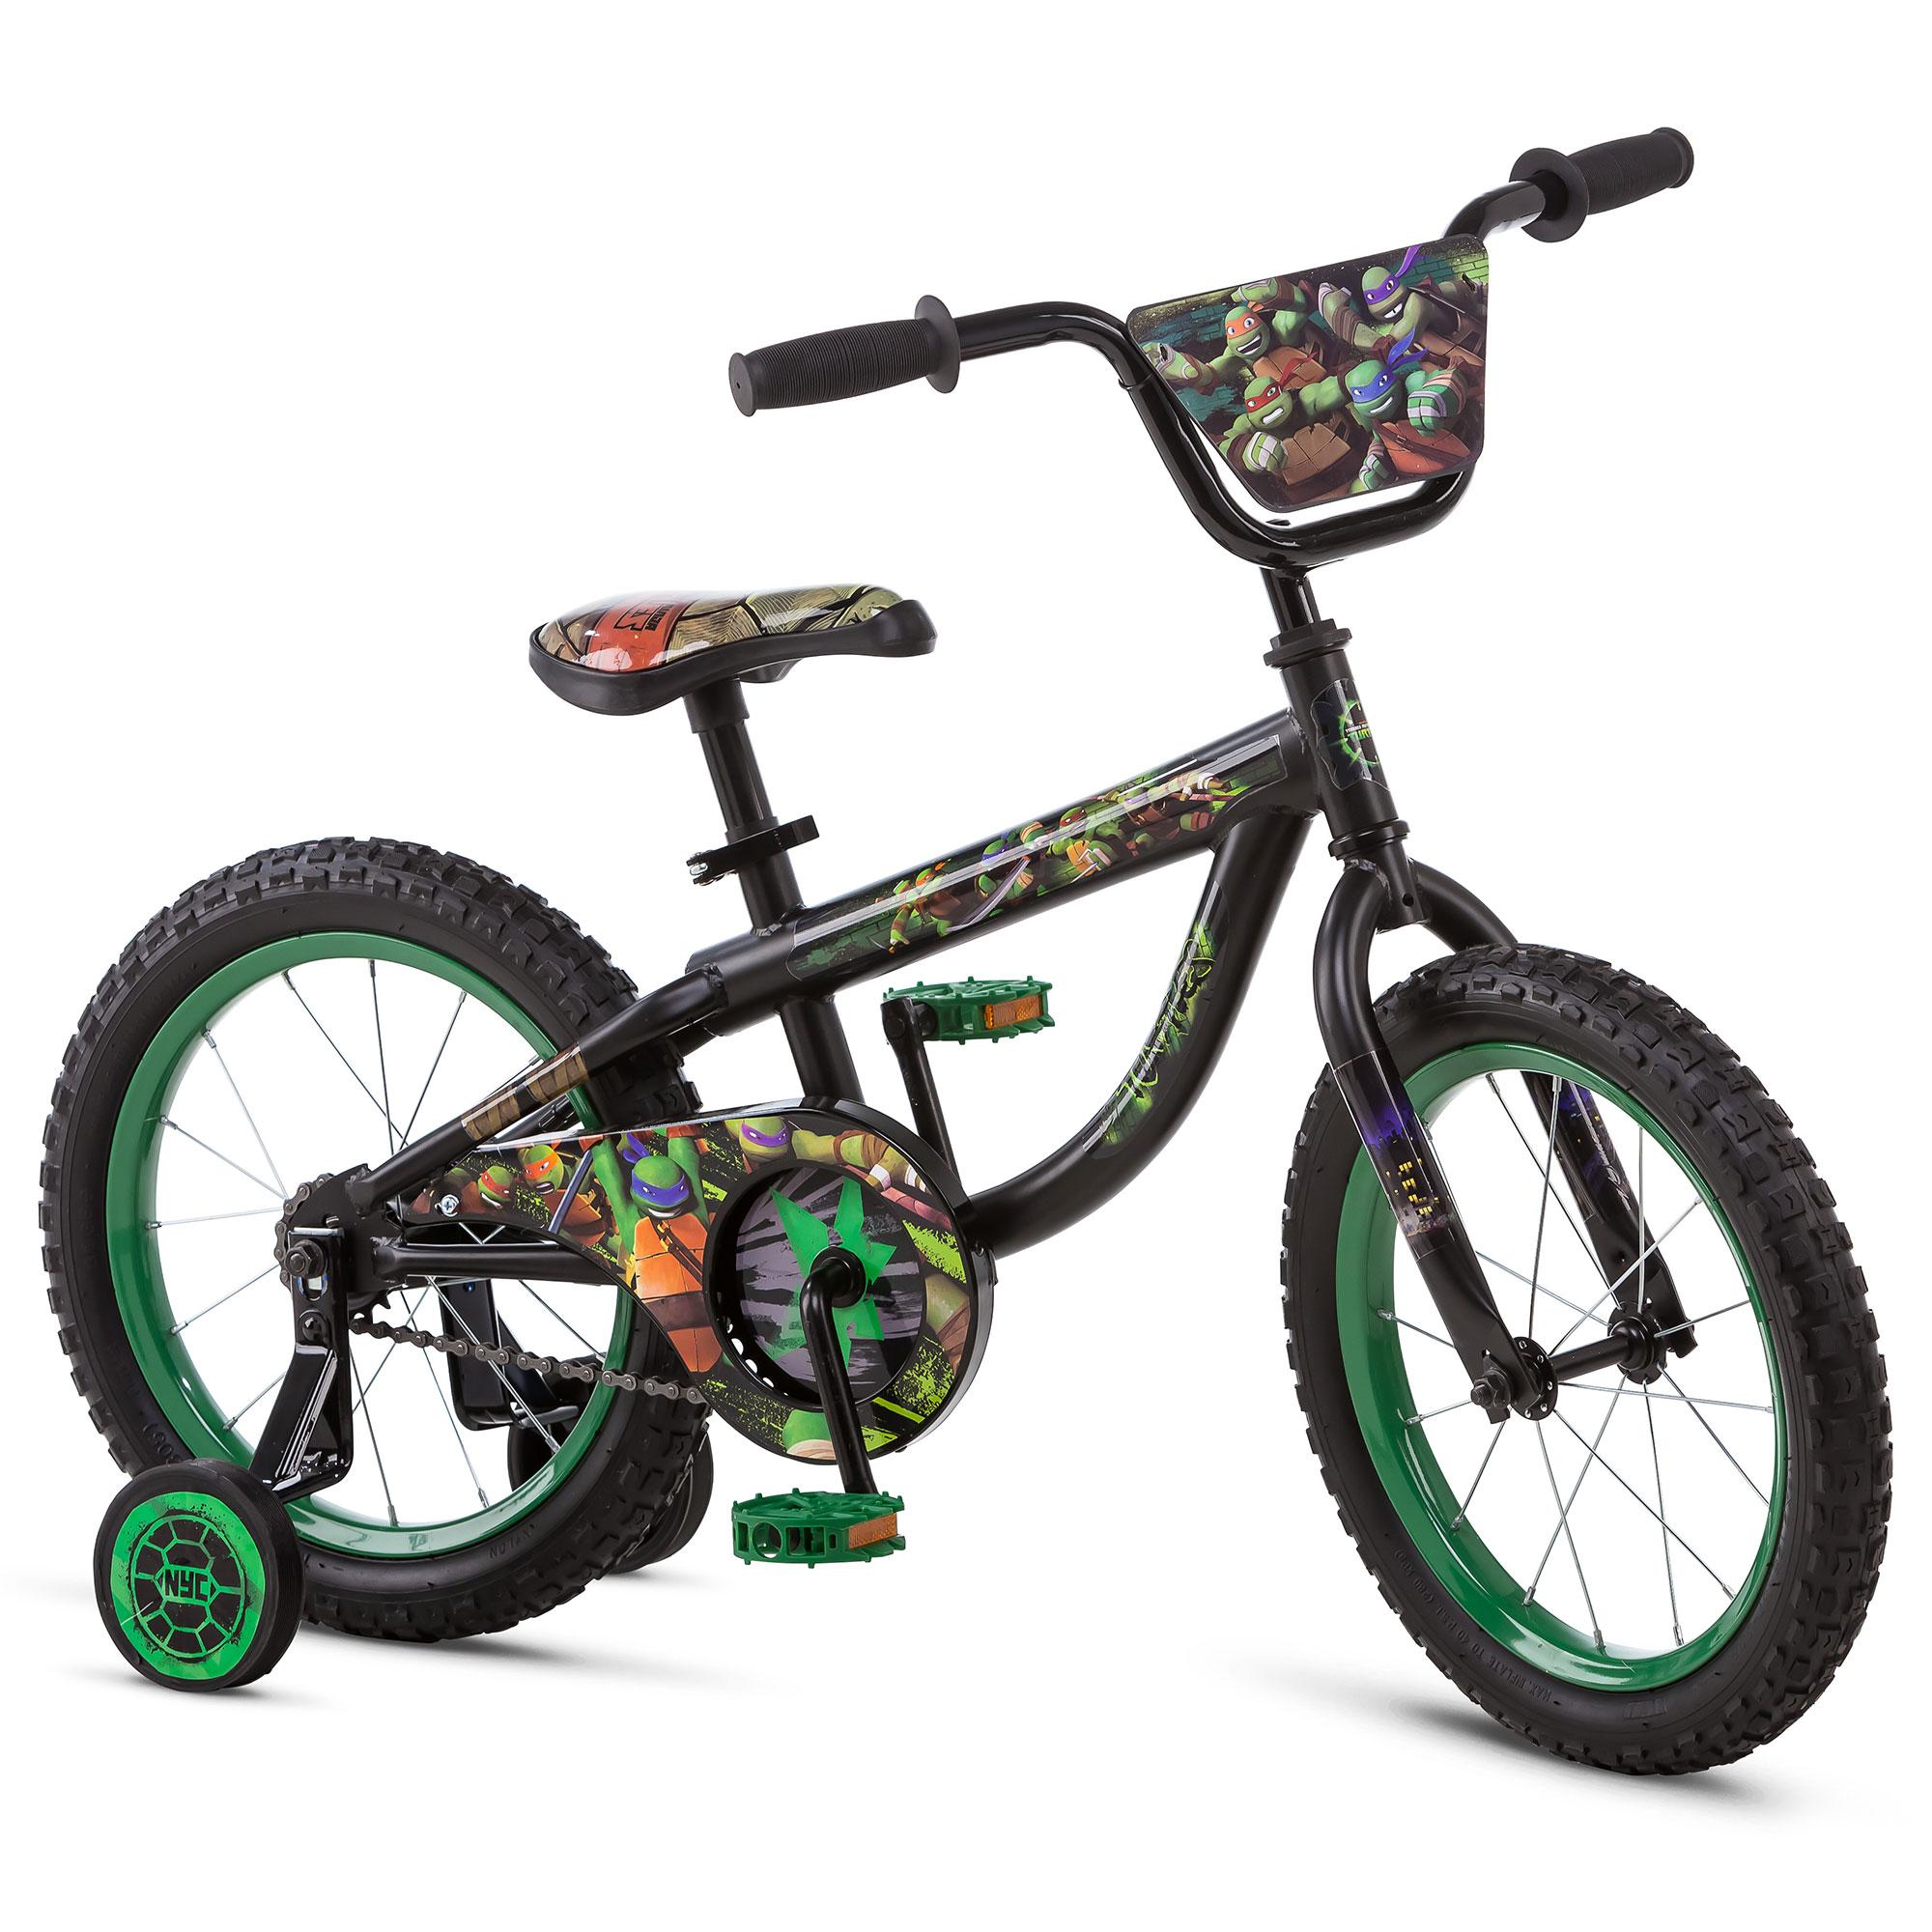 nickelodeon teenage mutant ninja turtles tmnt kids bicycle w